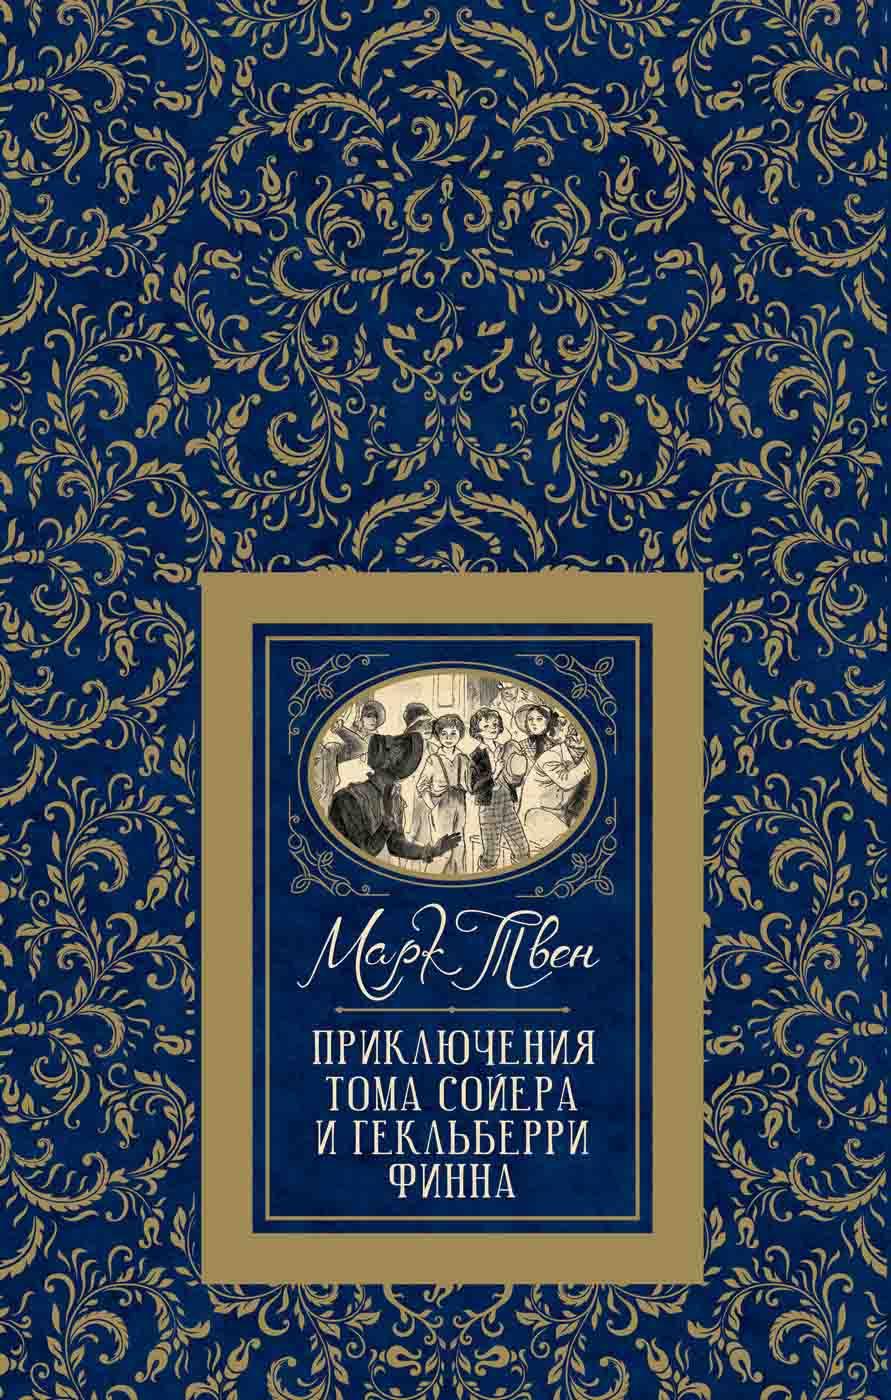 Купить Книга из серии Большая детская библиотека – Твен М. Приключения Тома Сойера и Гекльберри Финна, Росмэн